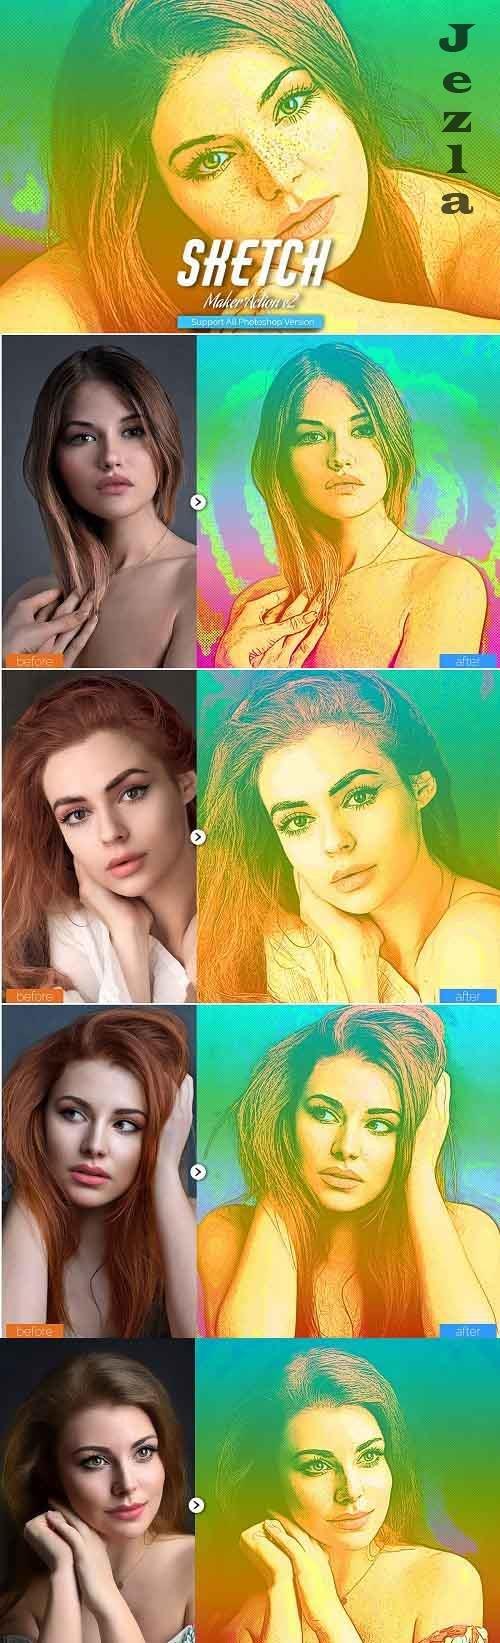 Color Sketch Photoshop Action V2 - 5467241